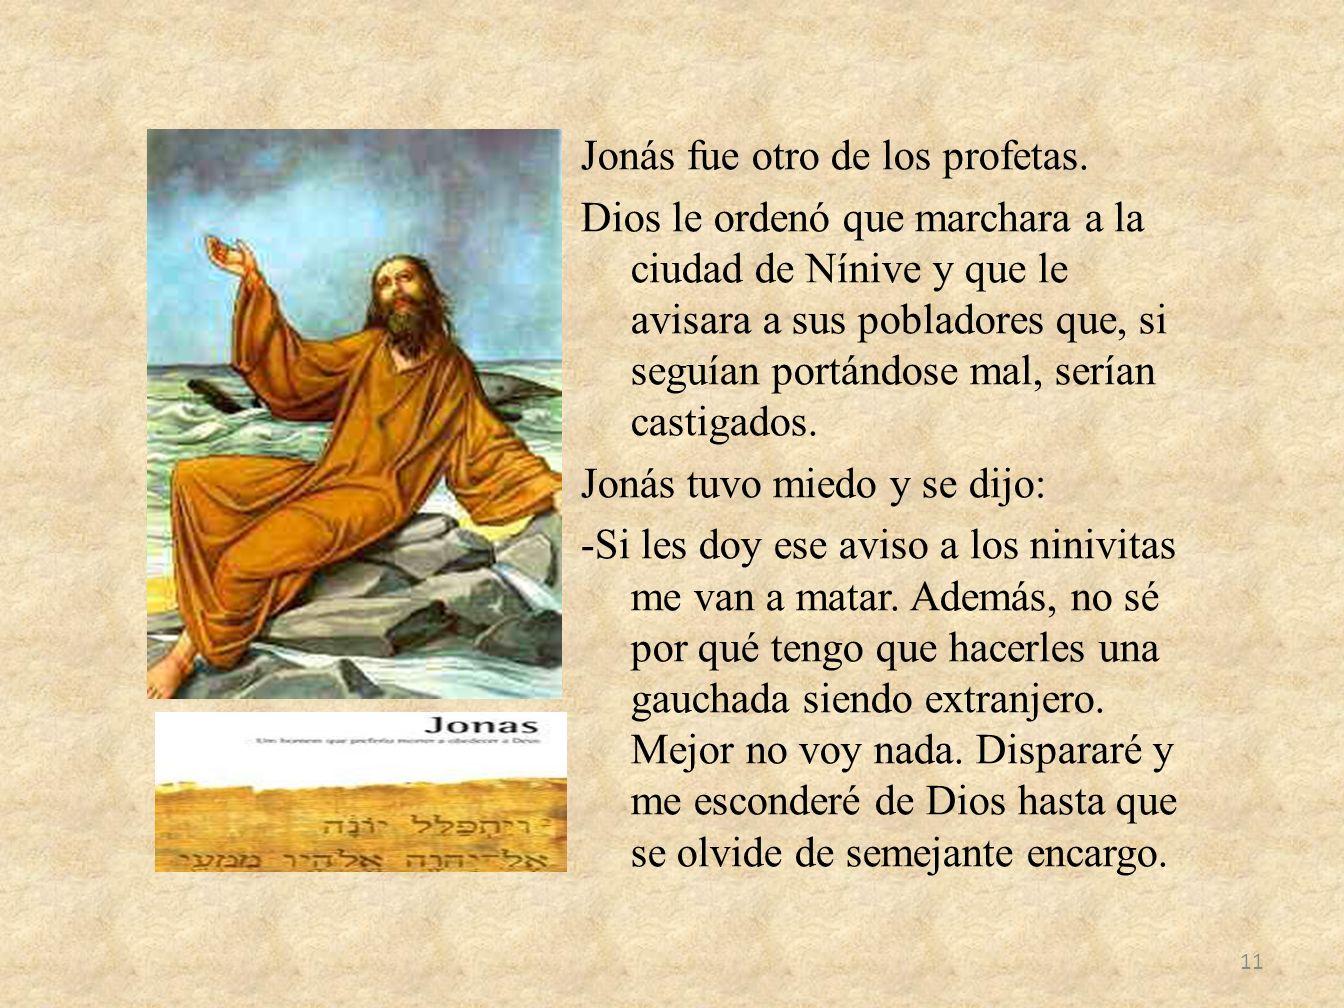 Jonás fue otro de los profetas. Dios le ordenó que marchara a la ciudad de Nínive y que le avisara a sus pobladores que, si seguían portándose mal, se